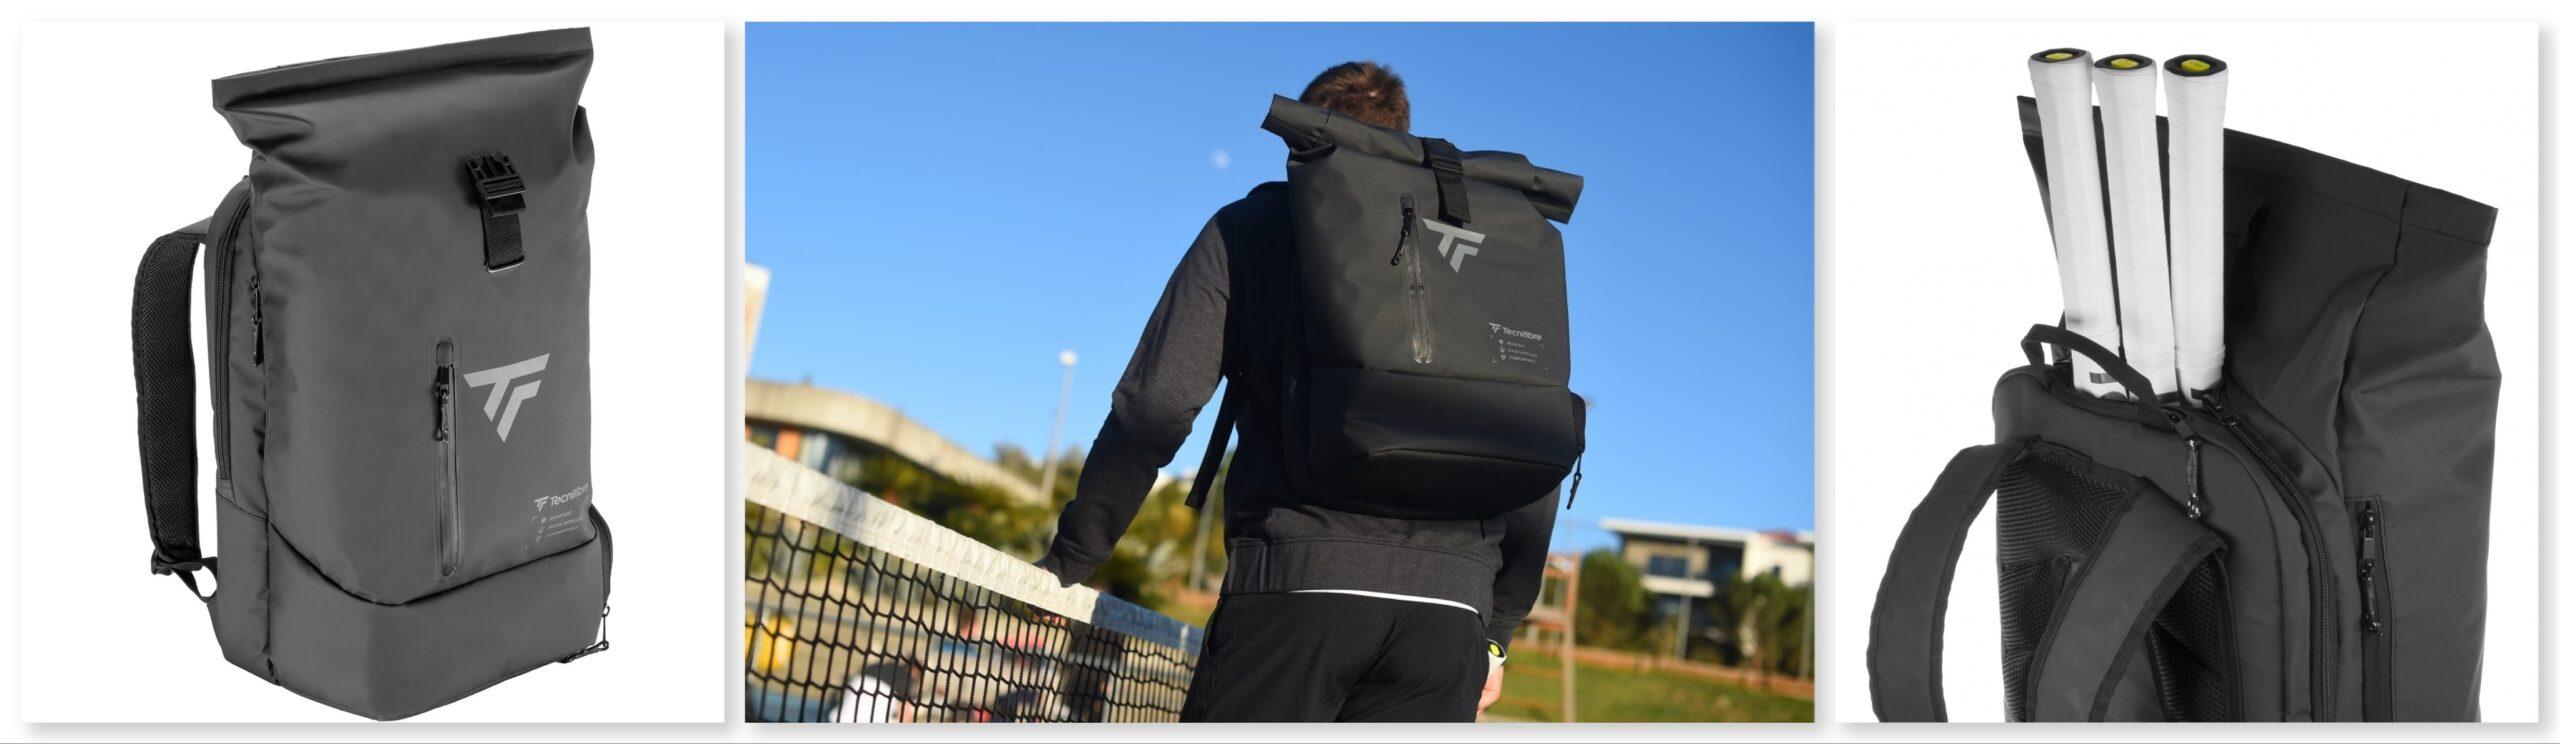 sacs de tennis team dry